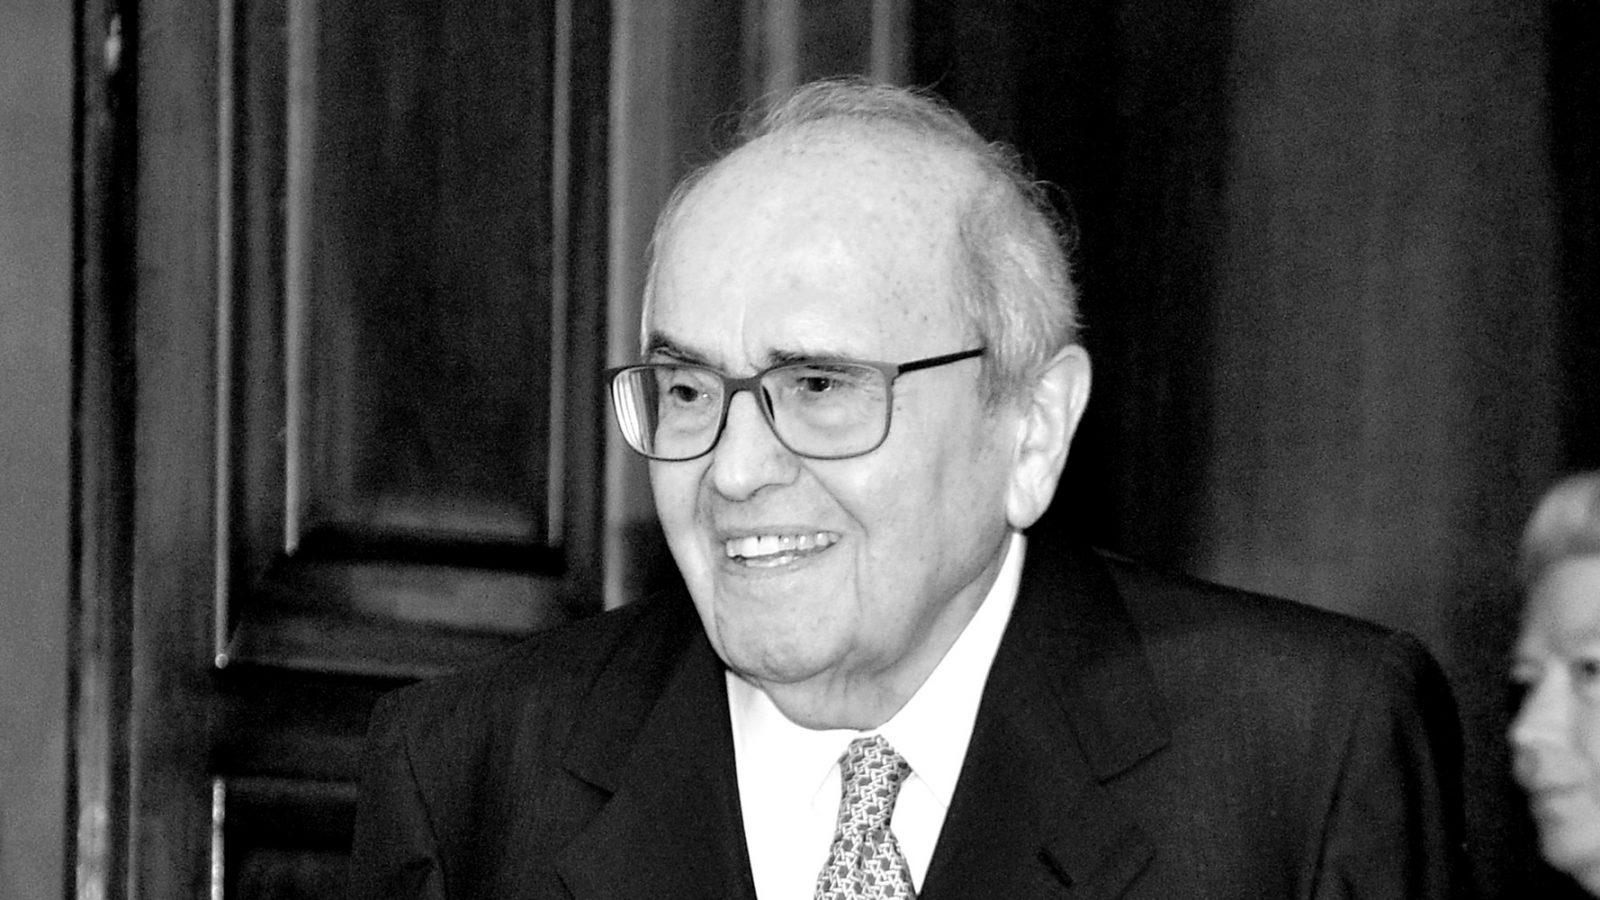 Francesco Merloni, ultimo ministro a ricoprire il ruolo di Presidente del Consiglio di Amministrazione di ANAS negli anni '90 (fonte: Imagoeconomica)